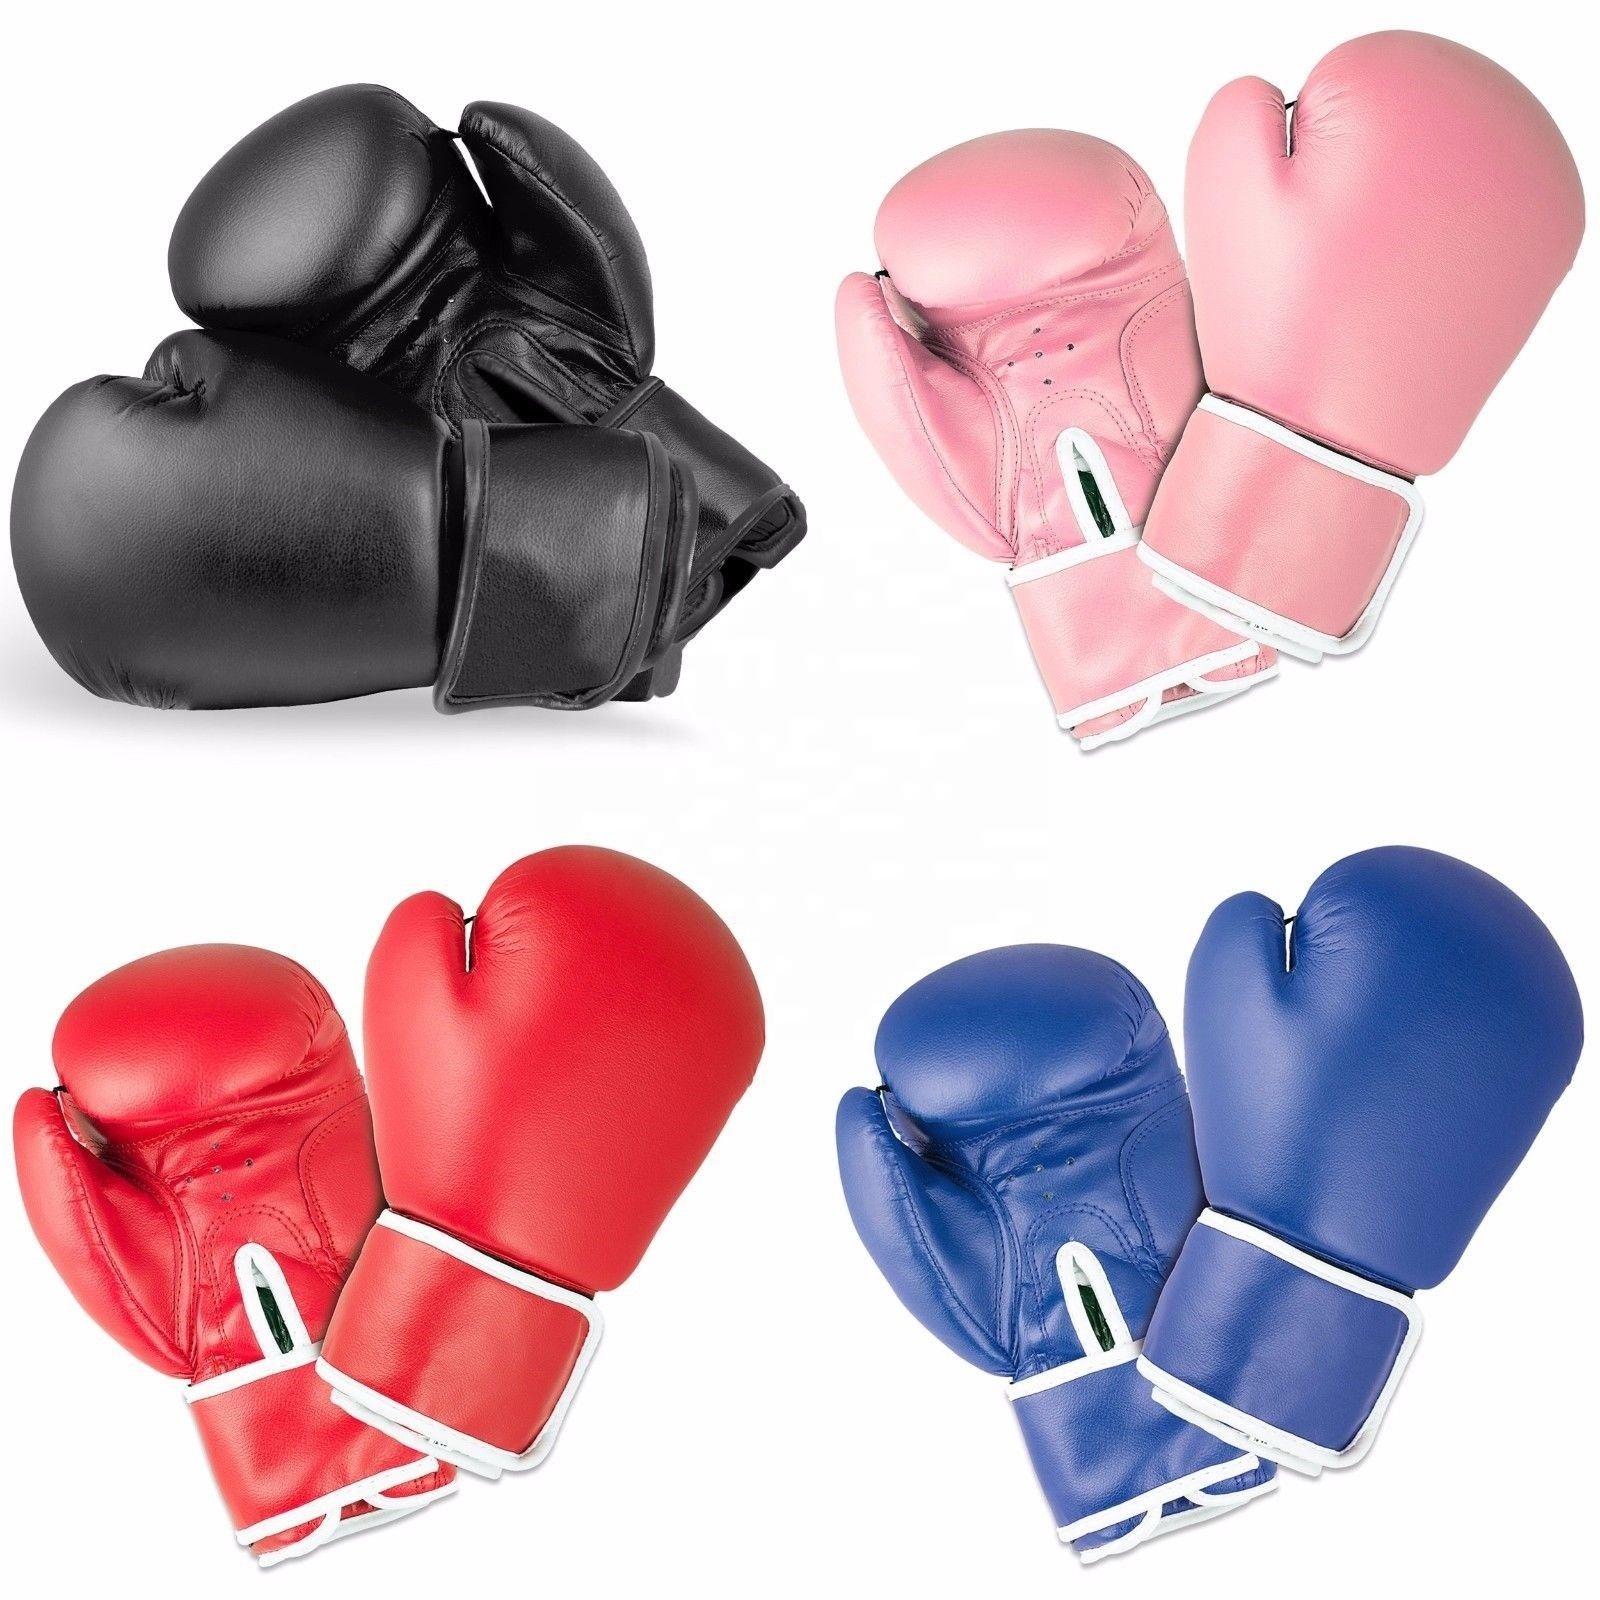 カスタムロゴレザー PU スパーリング格闘技ボクシング手袋男性の女性の子供